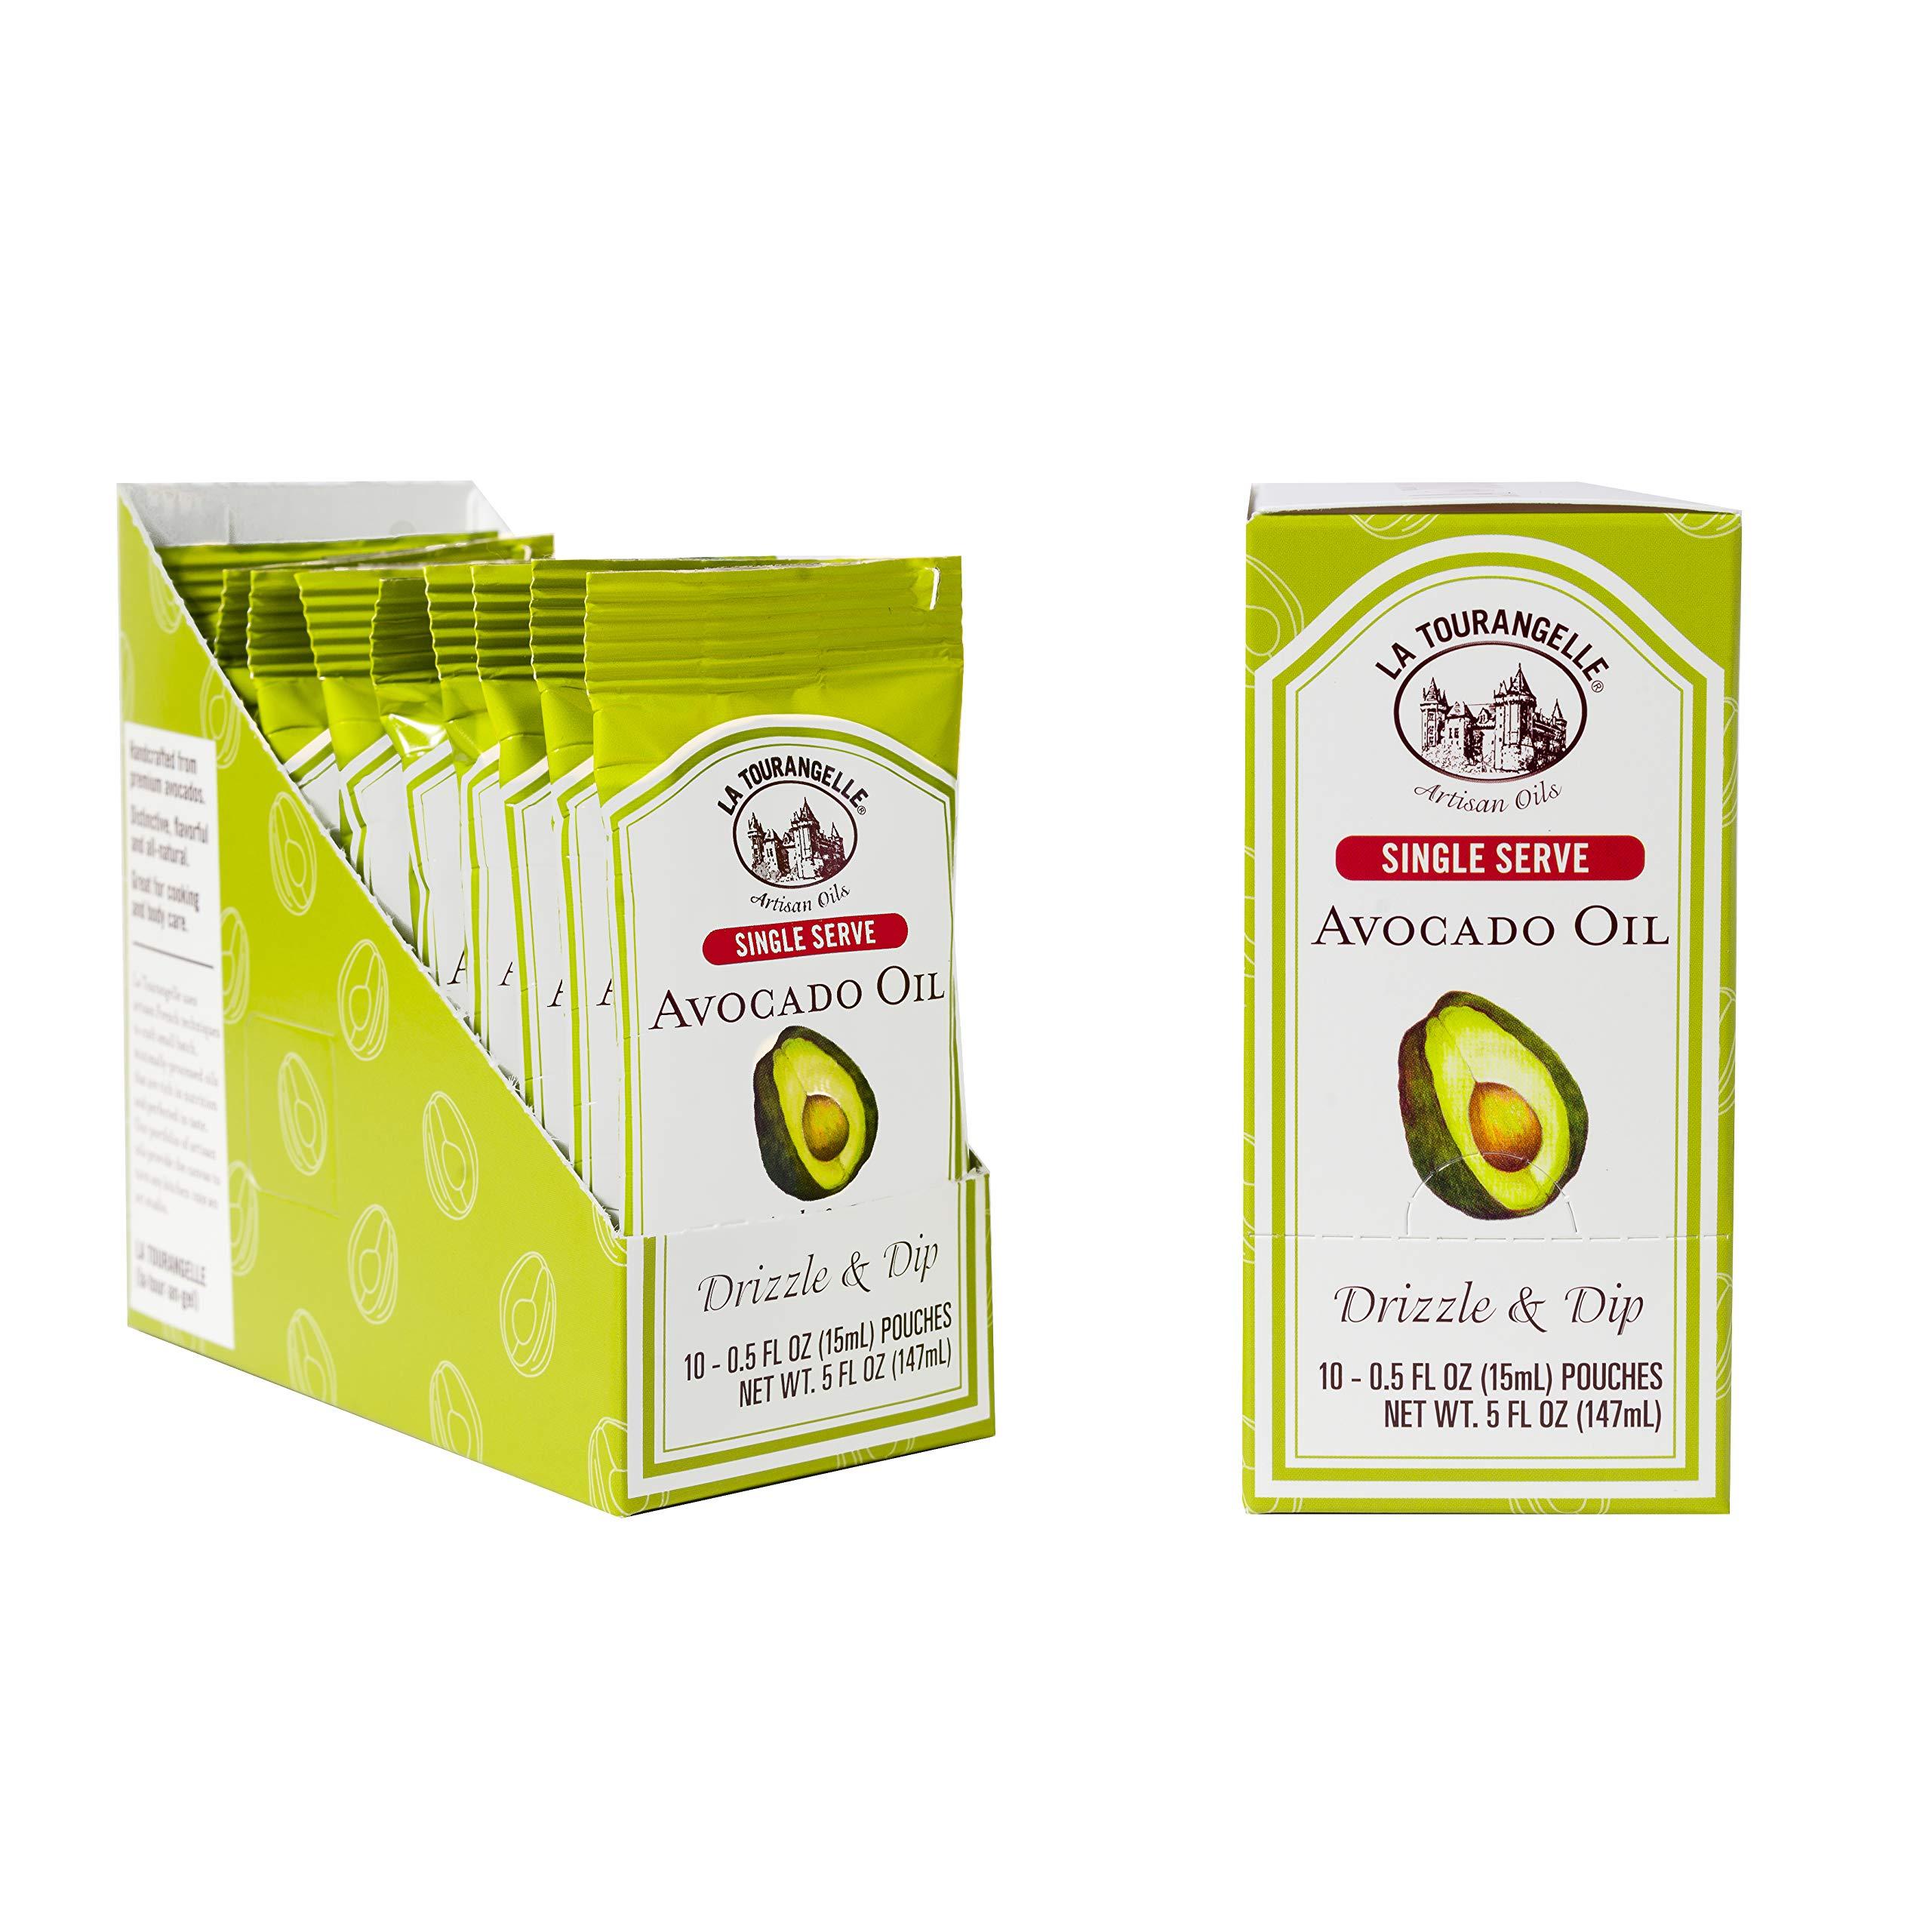 La Tourangelle Avocado Oil Pouches, 0.5 fl. oz., 3-Carton Pack (30 pouches), Convenient Single Serve, Travel Size Oil Packets for On-the-Go, 30 Count by La Tourangelle